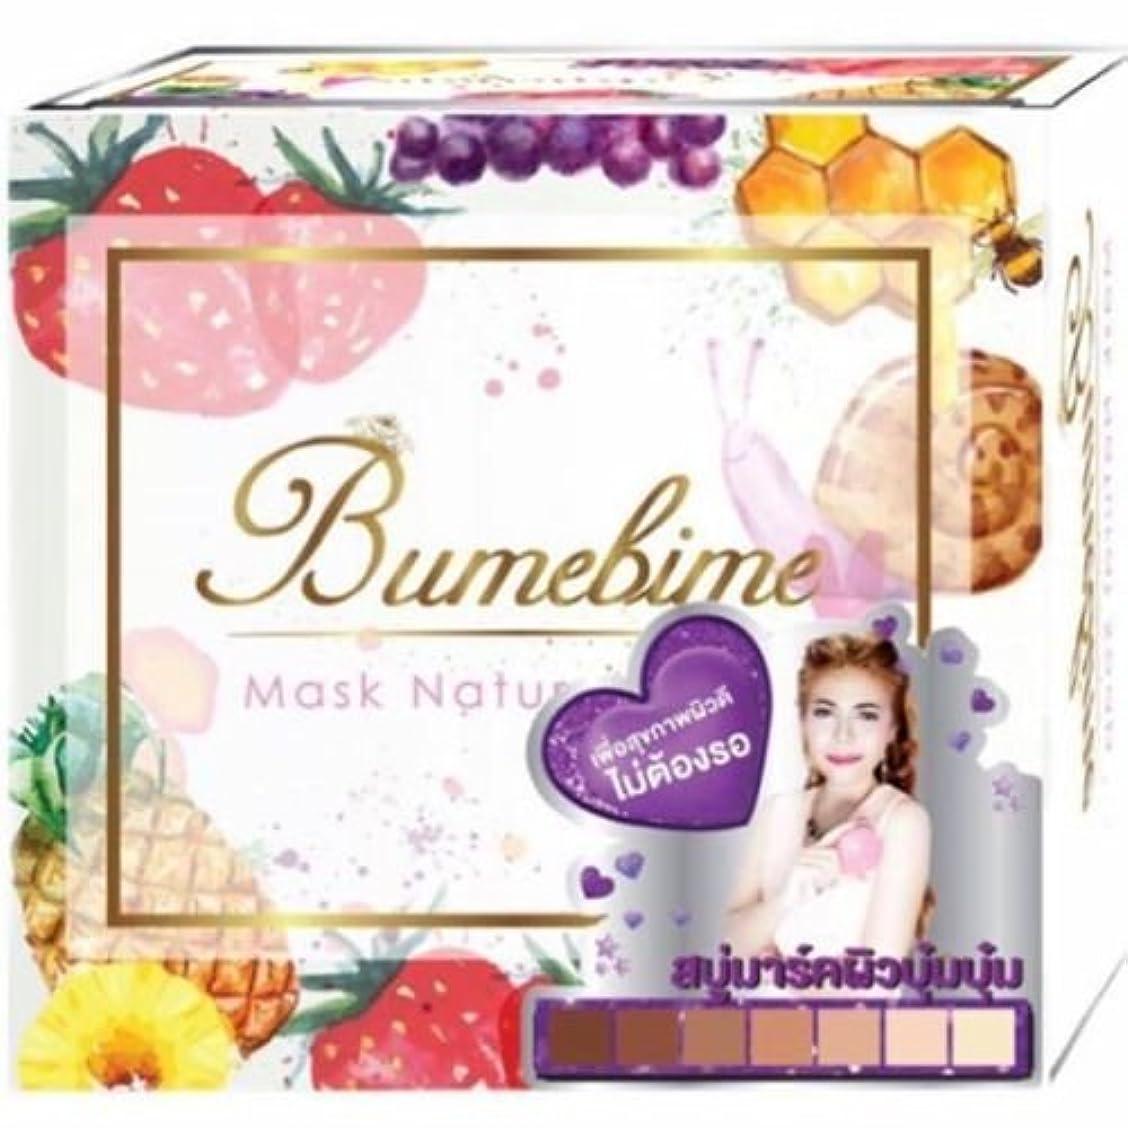 振り返る北方潤滑する(1 x 100 g) bumebimeマスクNatural SoapスキンボディWhitening byトリプルW Shop